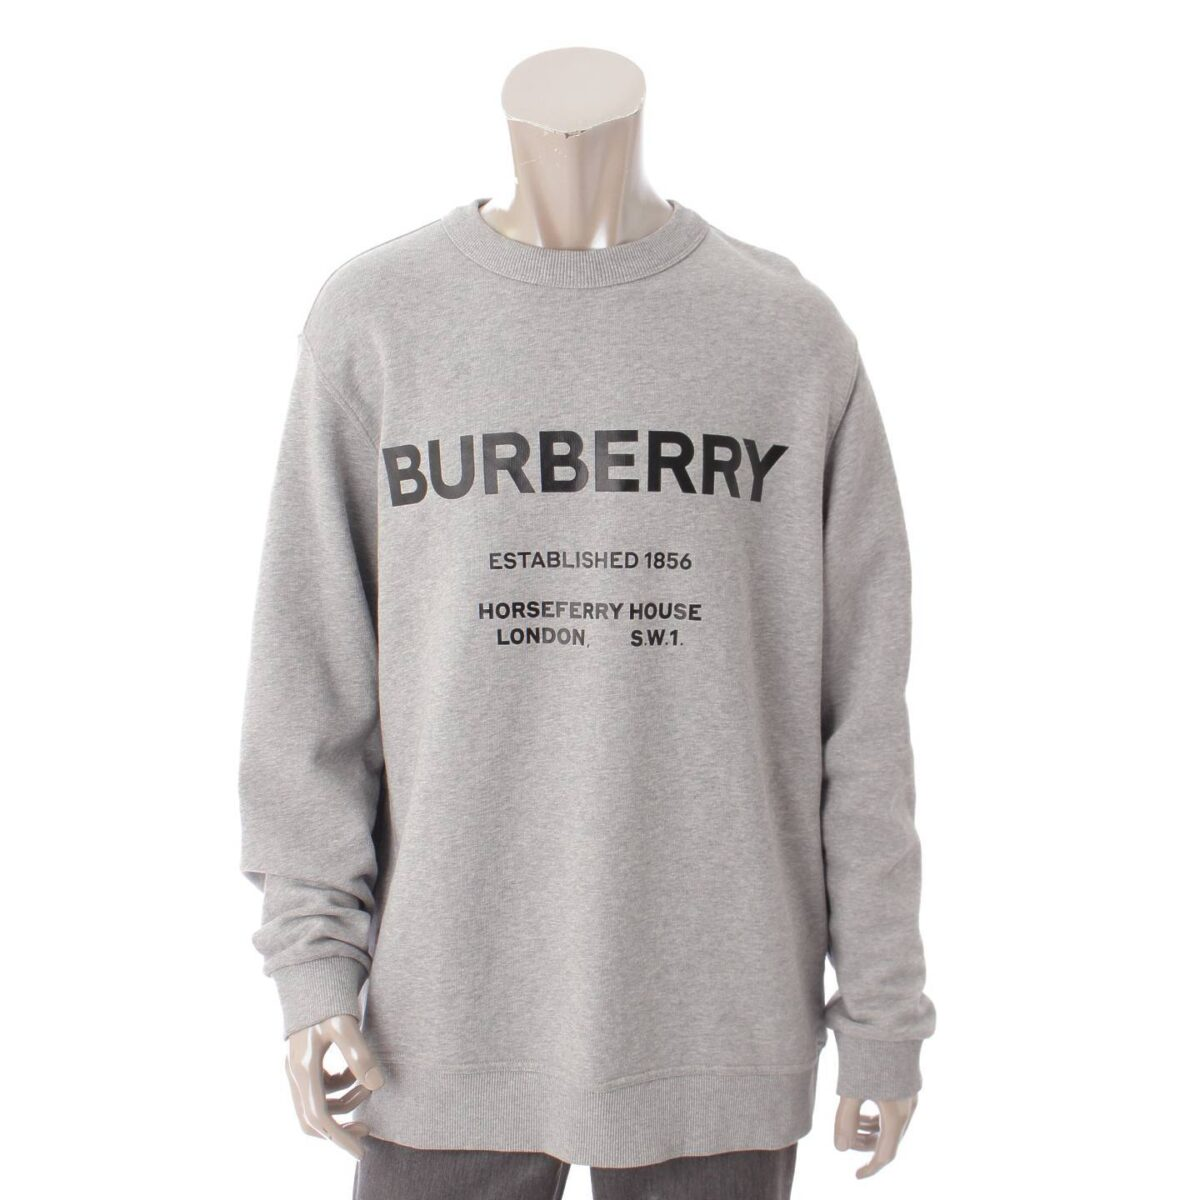 バーバリー 19年 メンズ ホースフェリープリント ロゴ スウェットシャツ トップス グレー